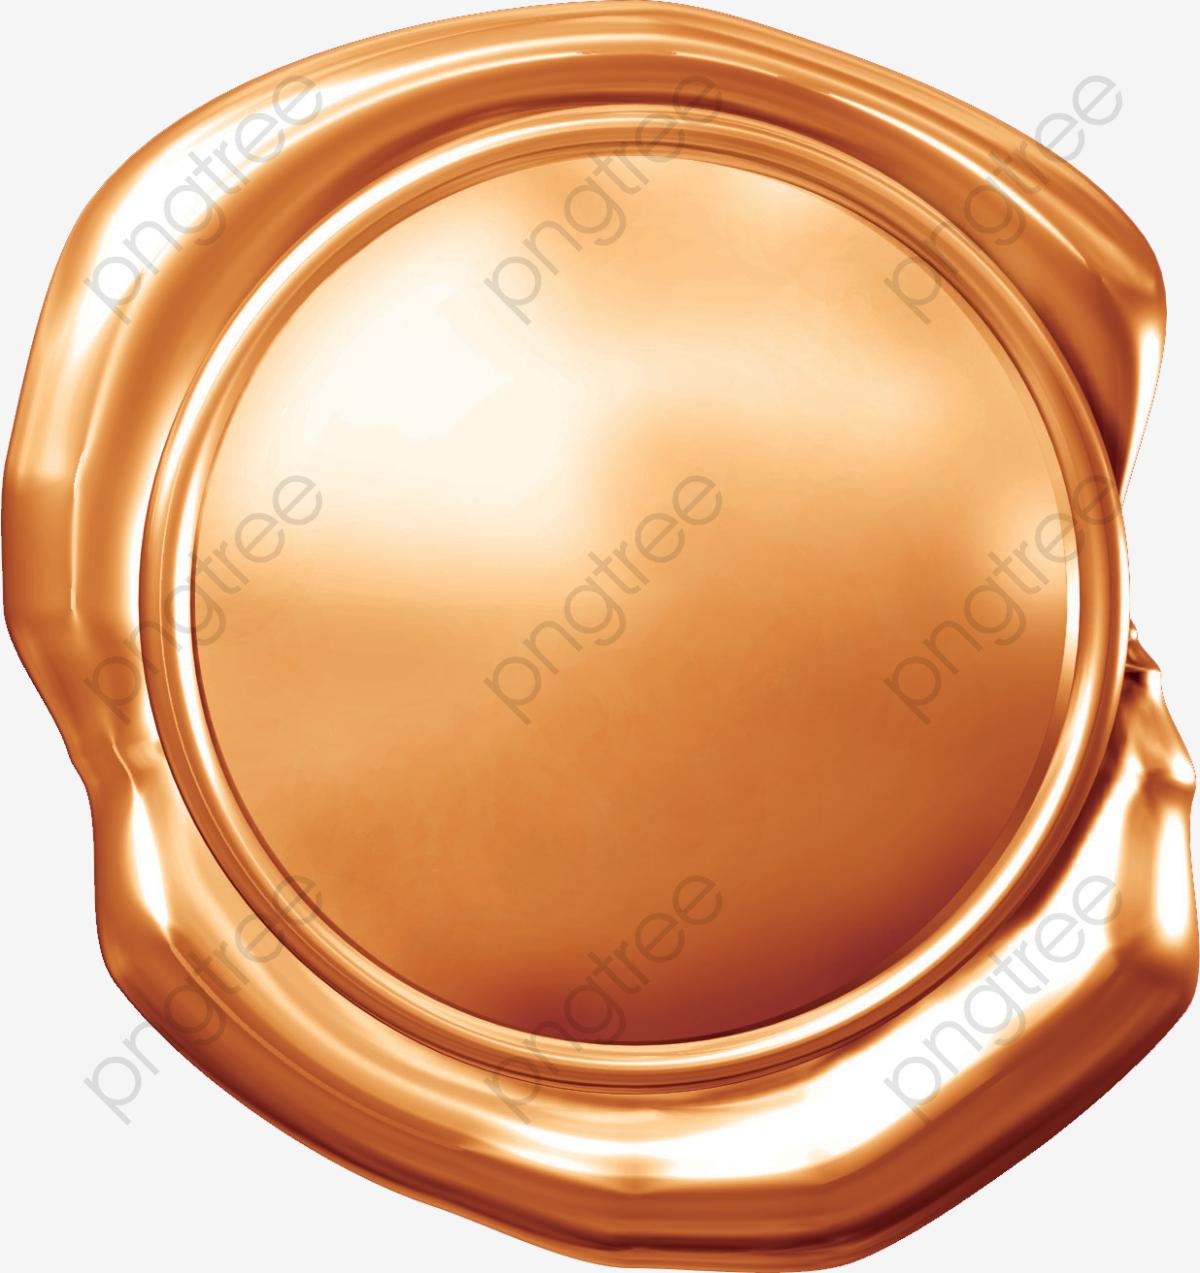 Gold Wax Seal Wax Seal, Seal Clipart, Gold Wax Seal, Wax Seal PNG.